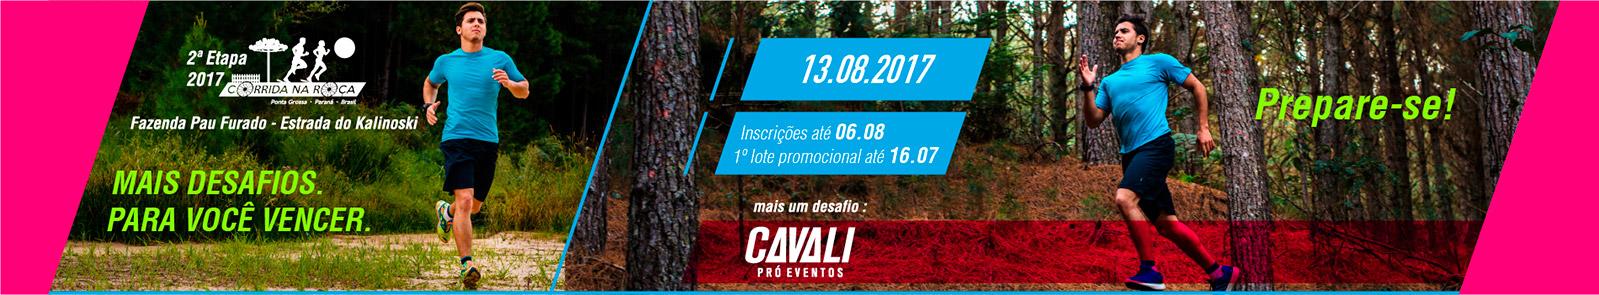 CIRCUITO CORRIDAS NA ROÇA - ETAPA FAZENDA PAU FURADO - Imagem de topo